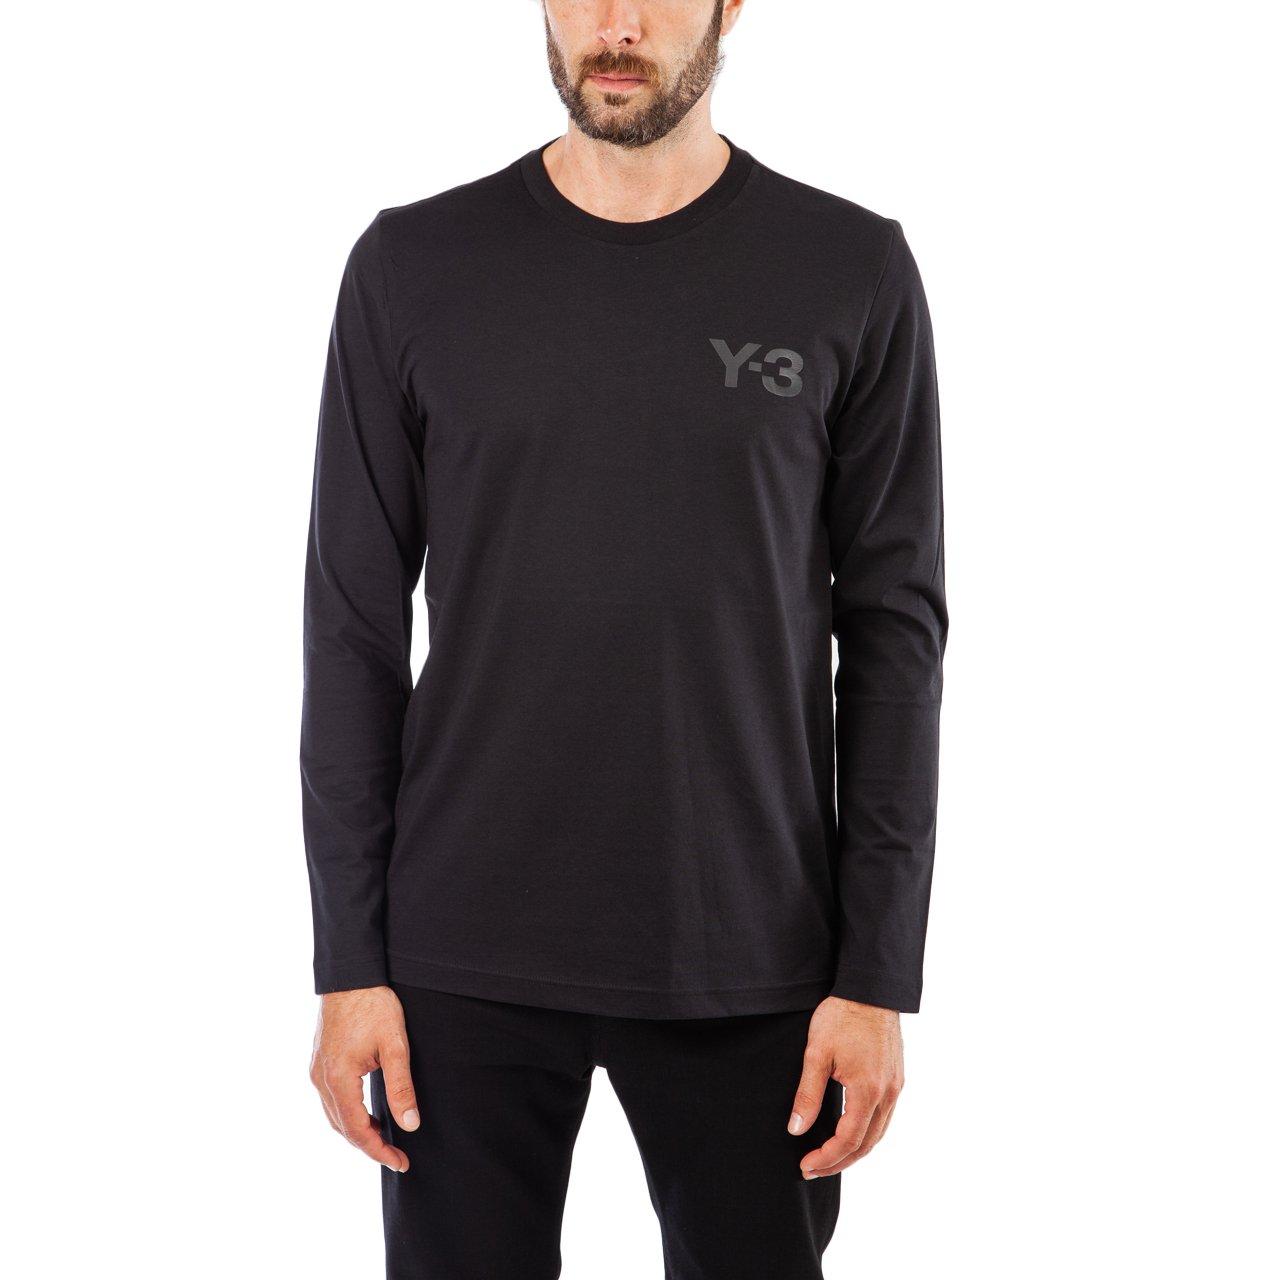 Y-3 Classic Longsleeve T-Shirt (Schwarz)